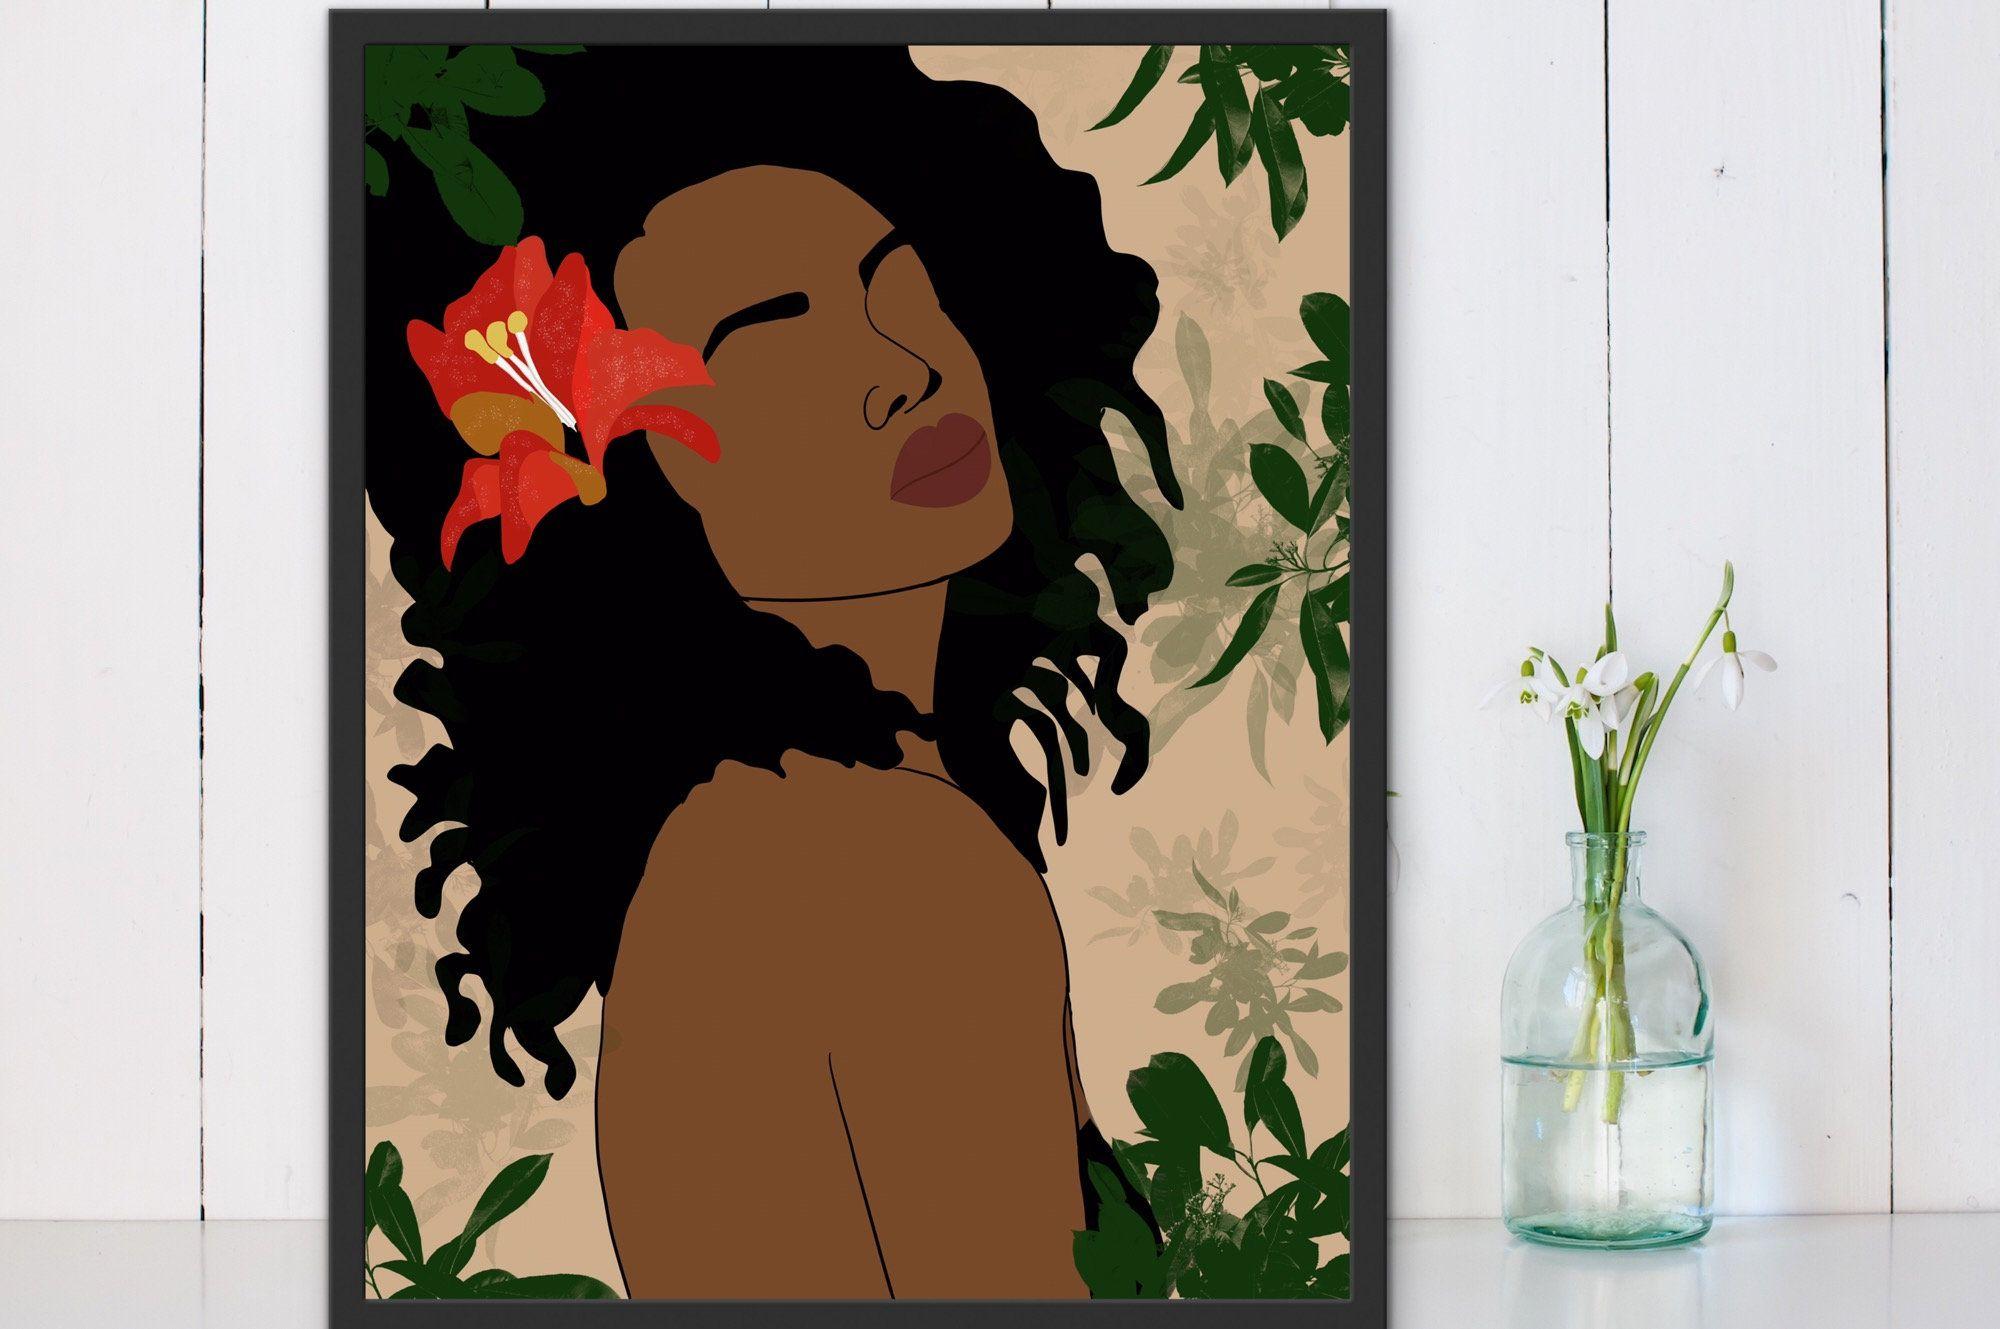 Woman Art African Woman Art Black Woman Wall Art African Etsy African American Wall Art African Women Art Girls Wall Art